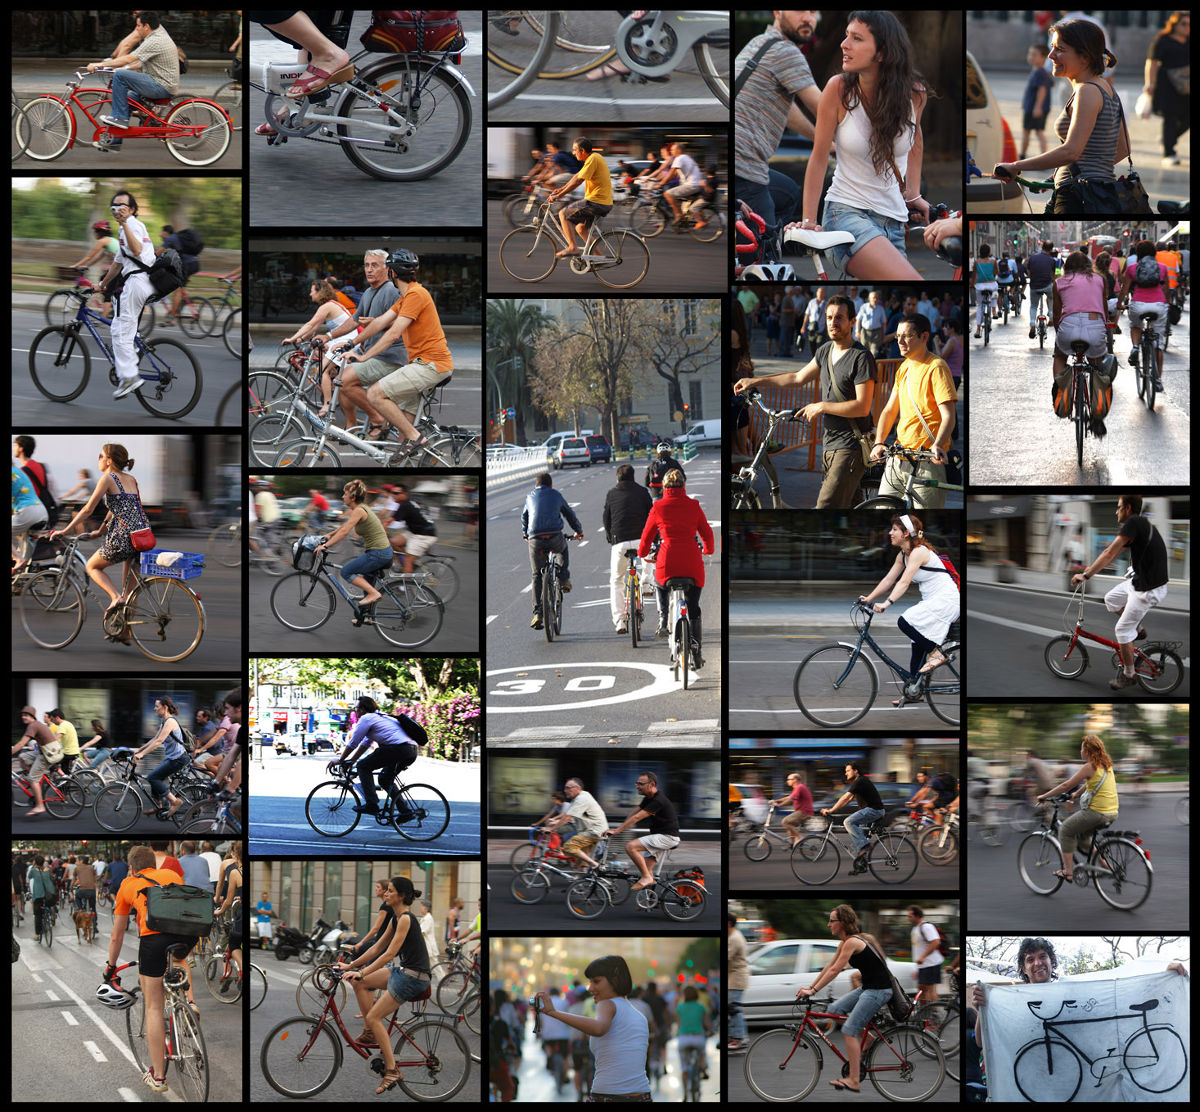 Las bicicletas toman la ciudad